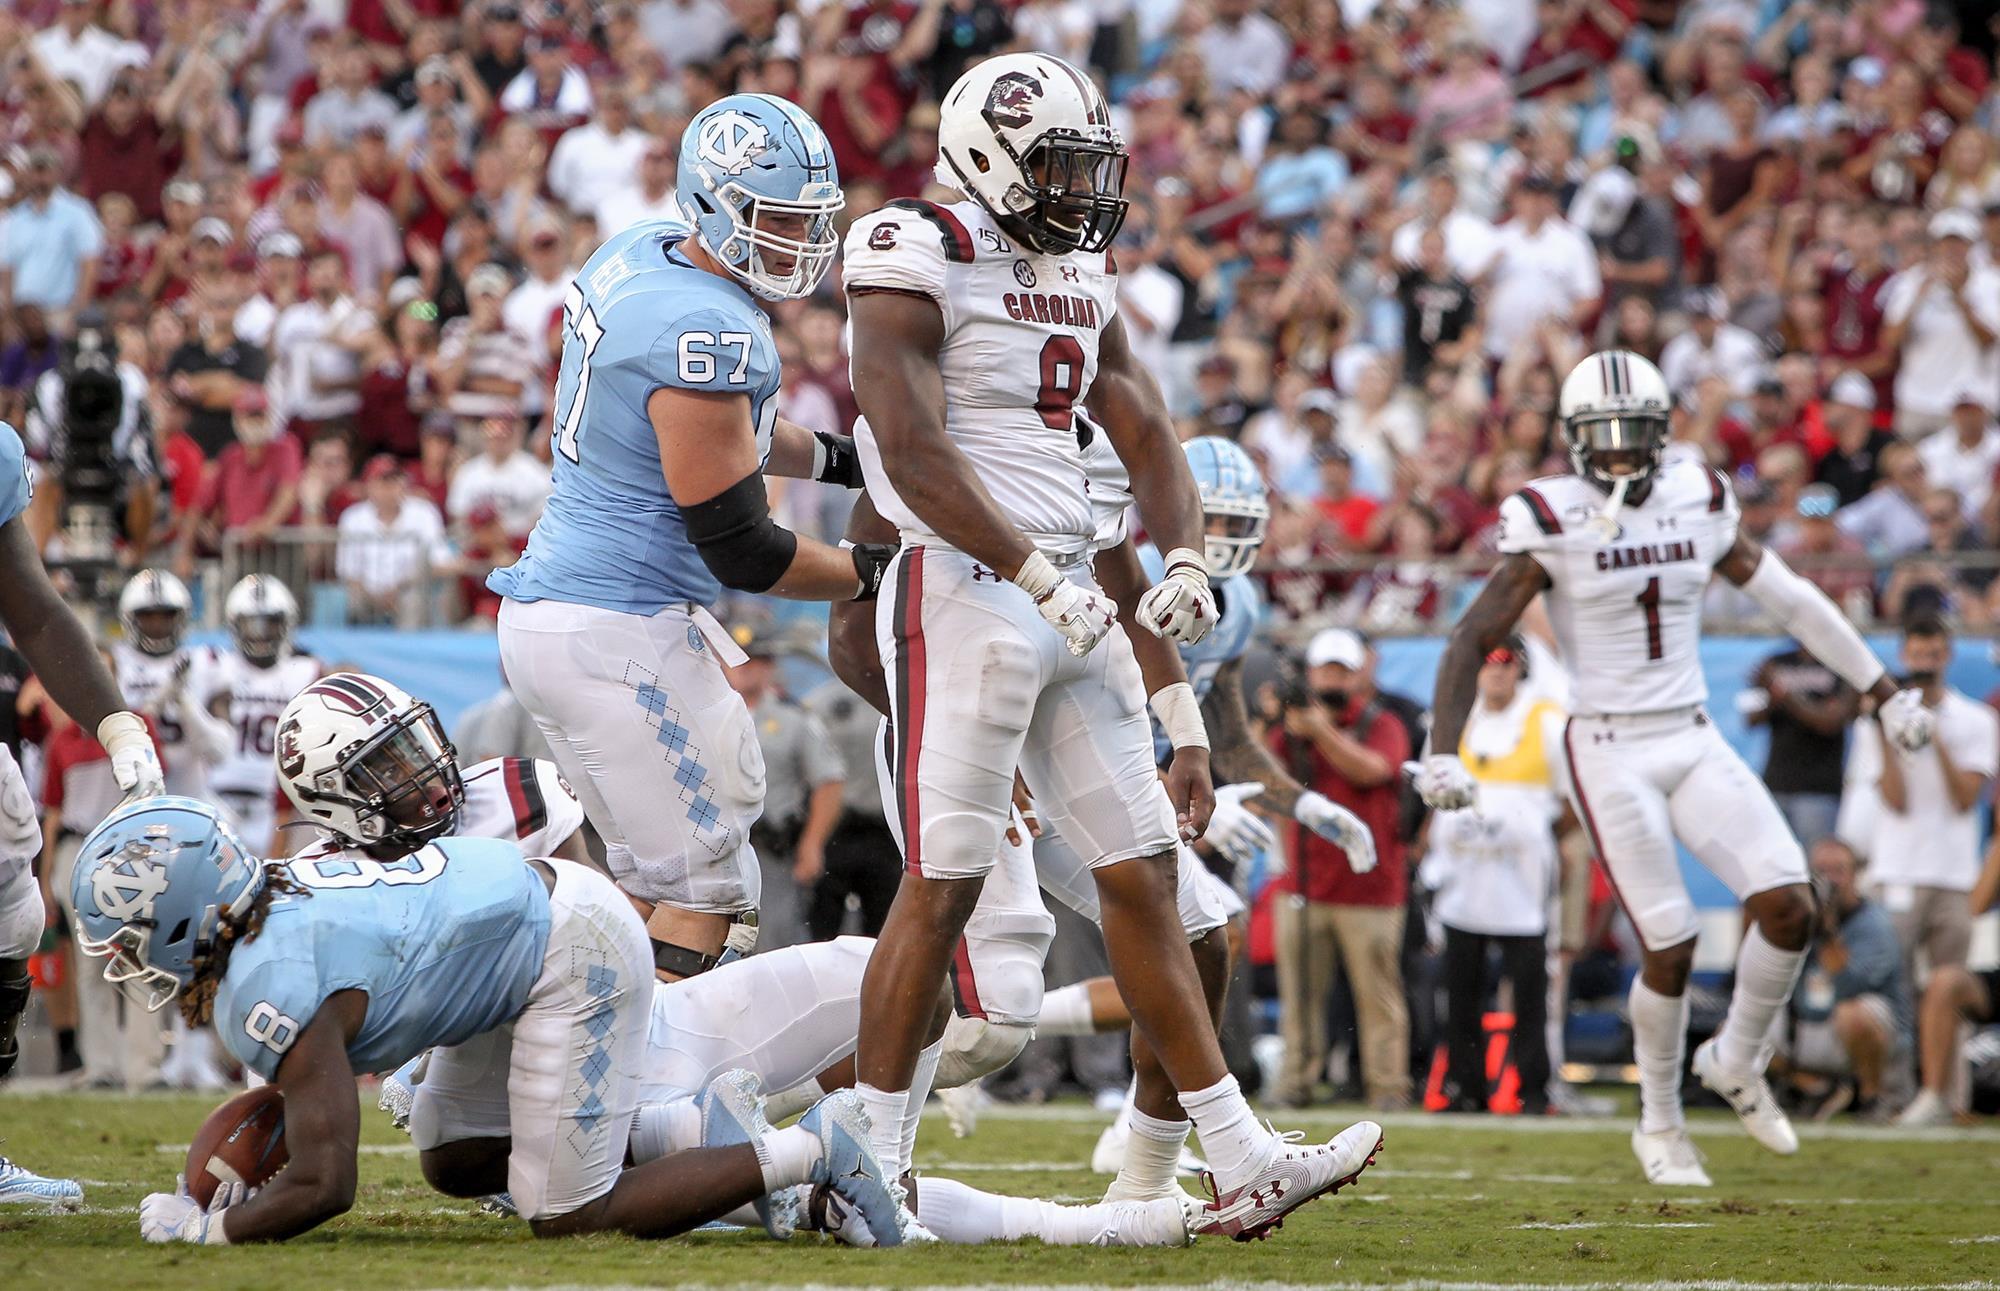 D.J. Wonnum (8), (Photo courtesy of University of South Carolina Athletics)